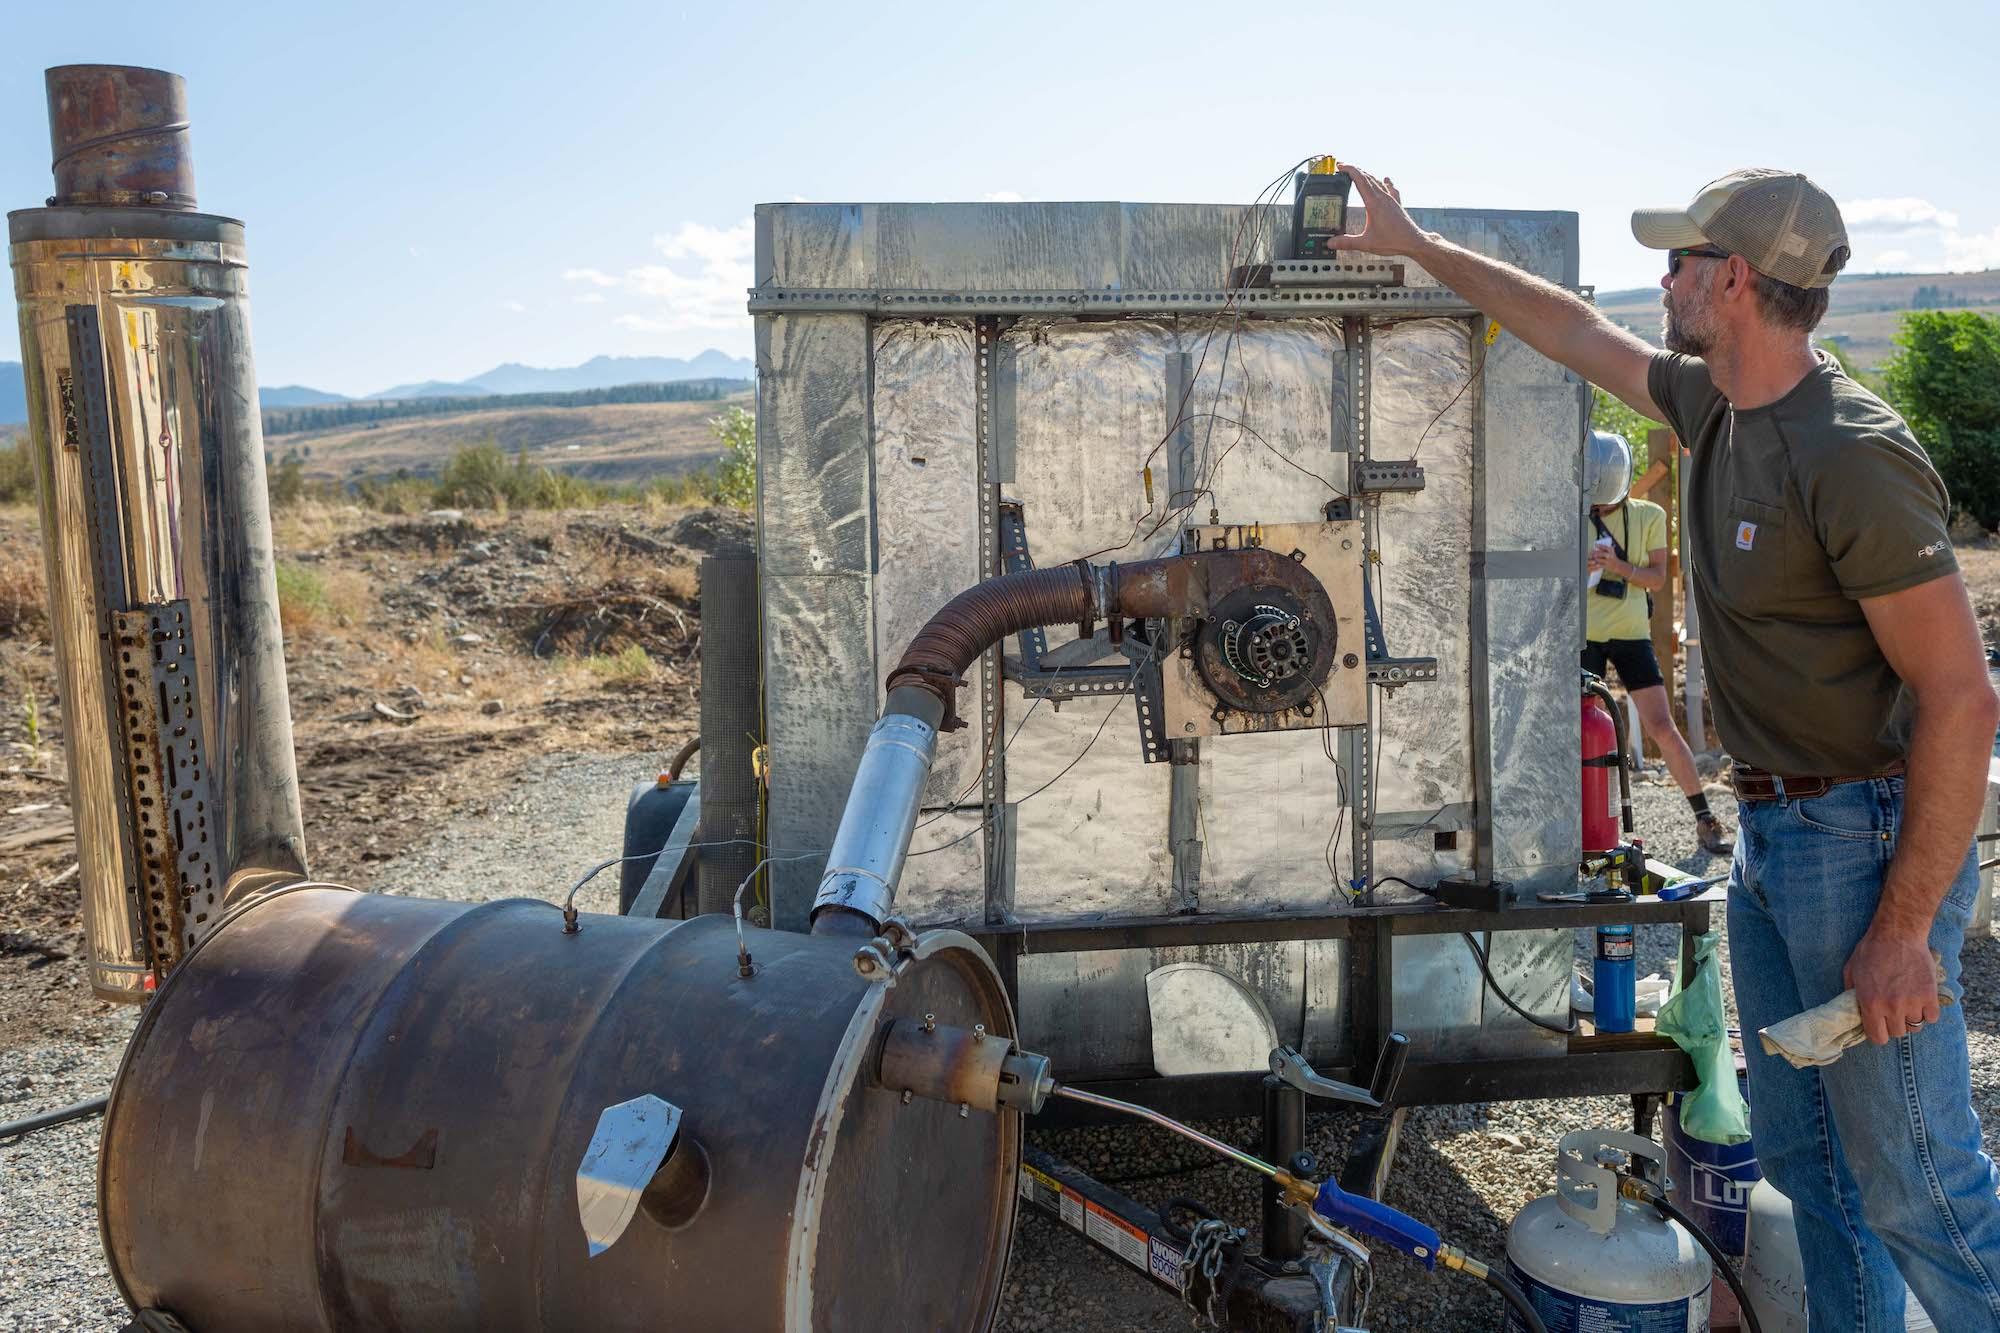 Un homme vêtu d'une chemise grise et d'un jean bleu tient un instrument de mesure sur sa main gauche pour vérifier une jauge sur une machine appelée pyrolyseur, qui ressemble à une grosse poubelle en métal reliée à un baril de métal rouillé. Il est dehors et le ciel est bleu.